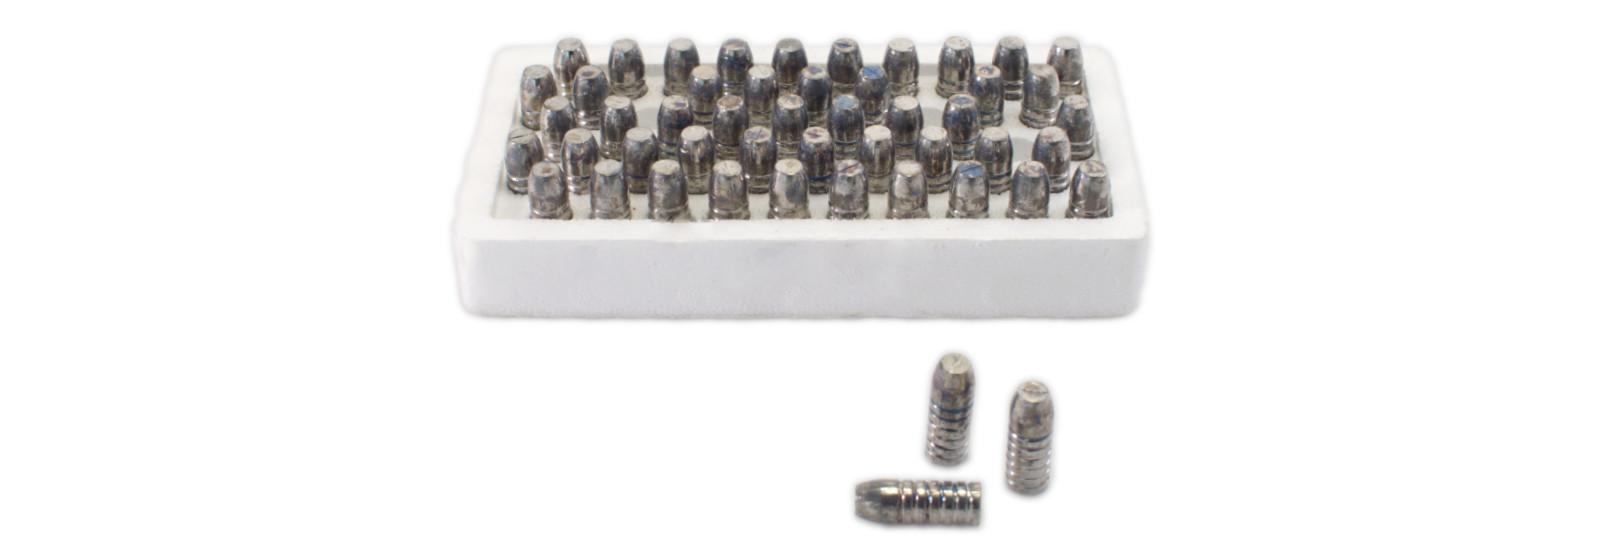 Set 50 palle coniche per retrocarica .458/535 grs.